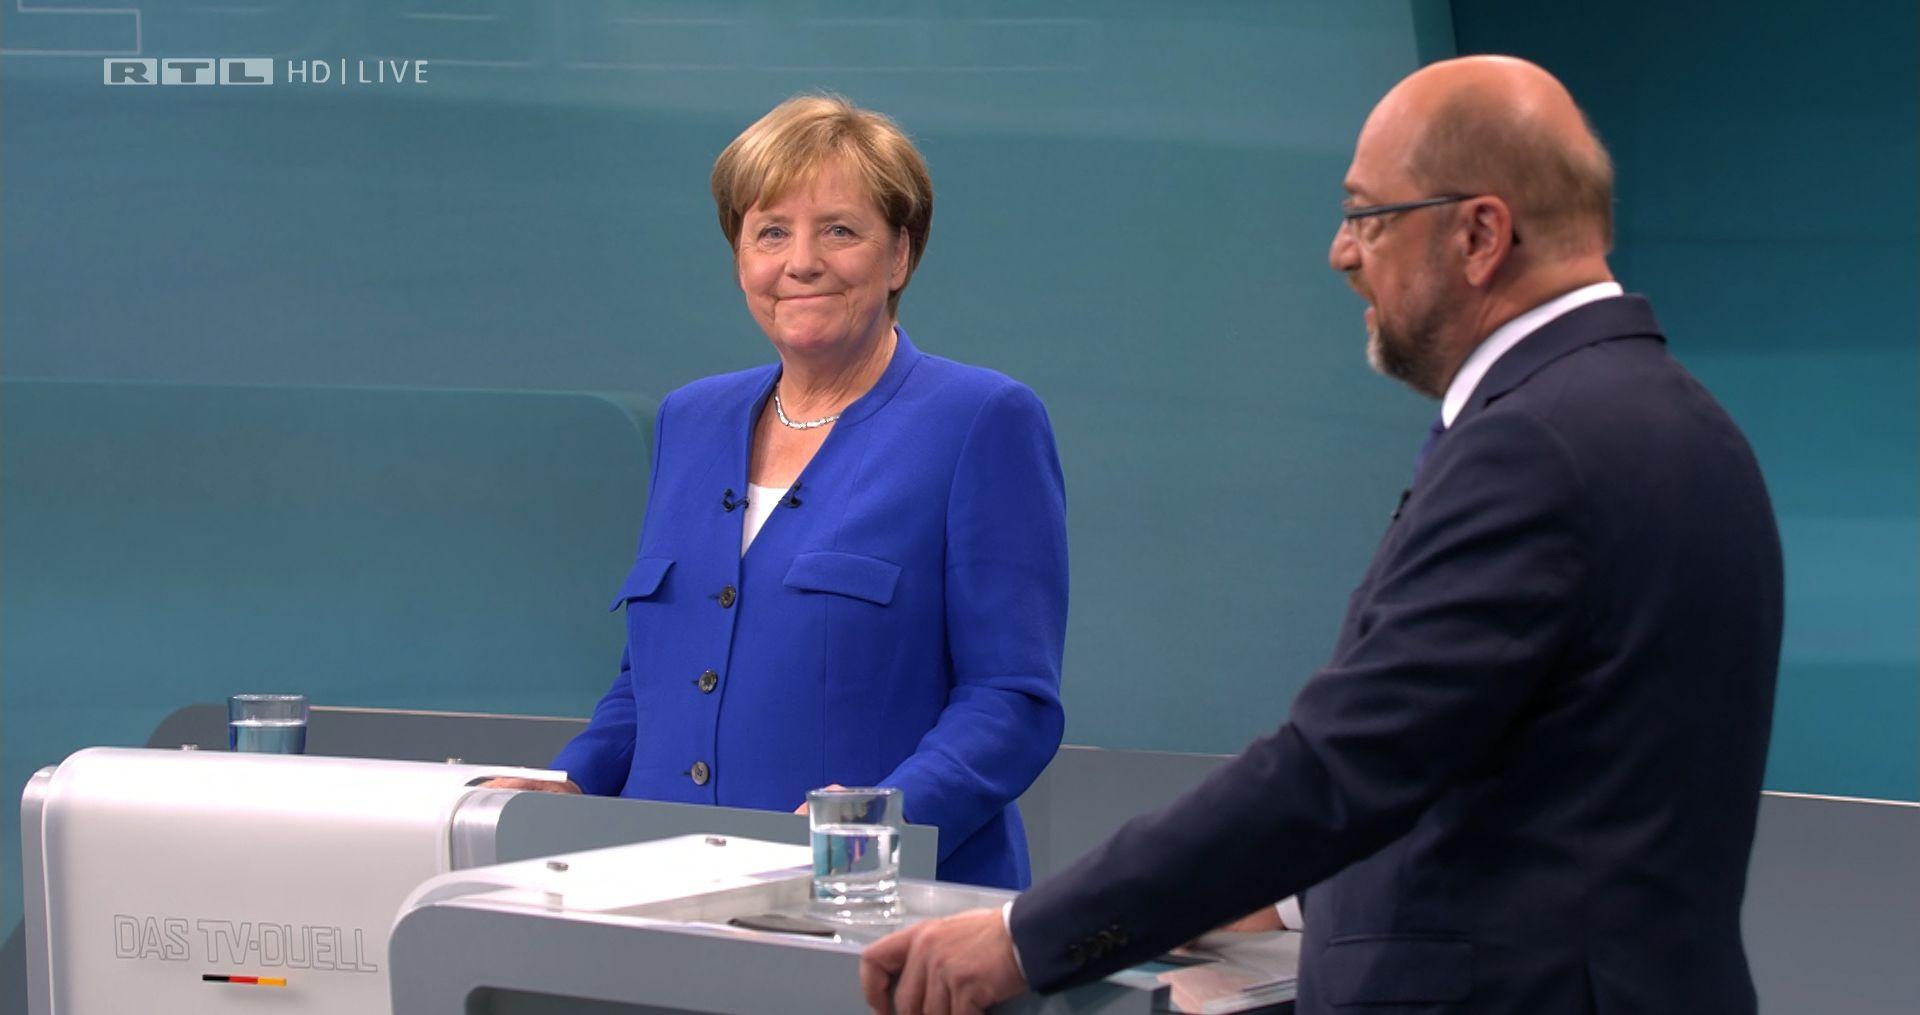 SCHULZ POPUSTIO Merkel sastavlja veliku koaliciju